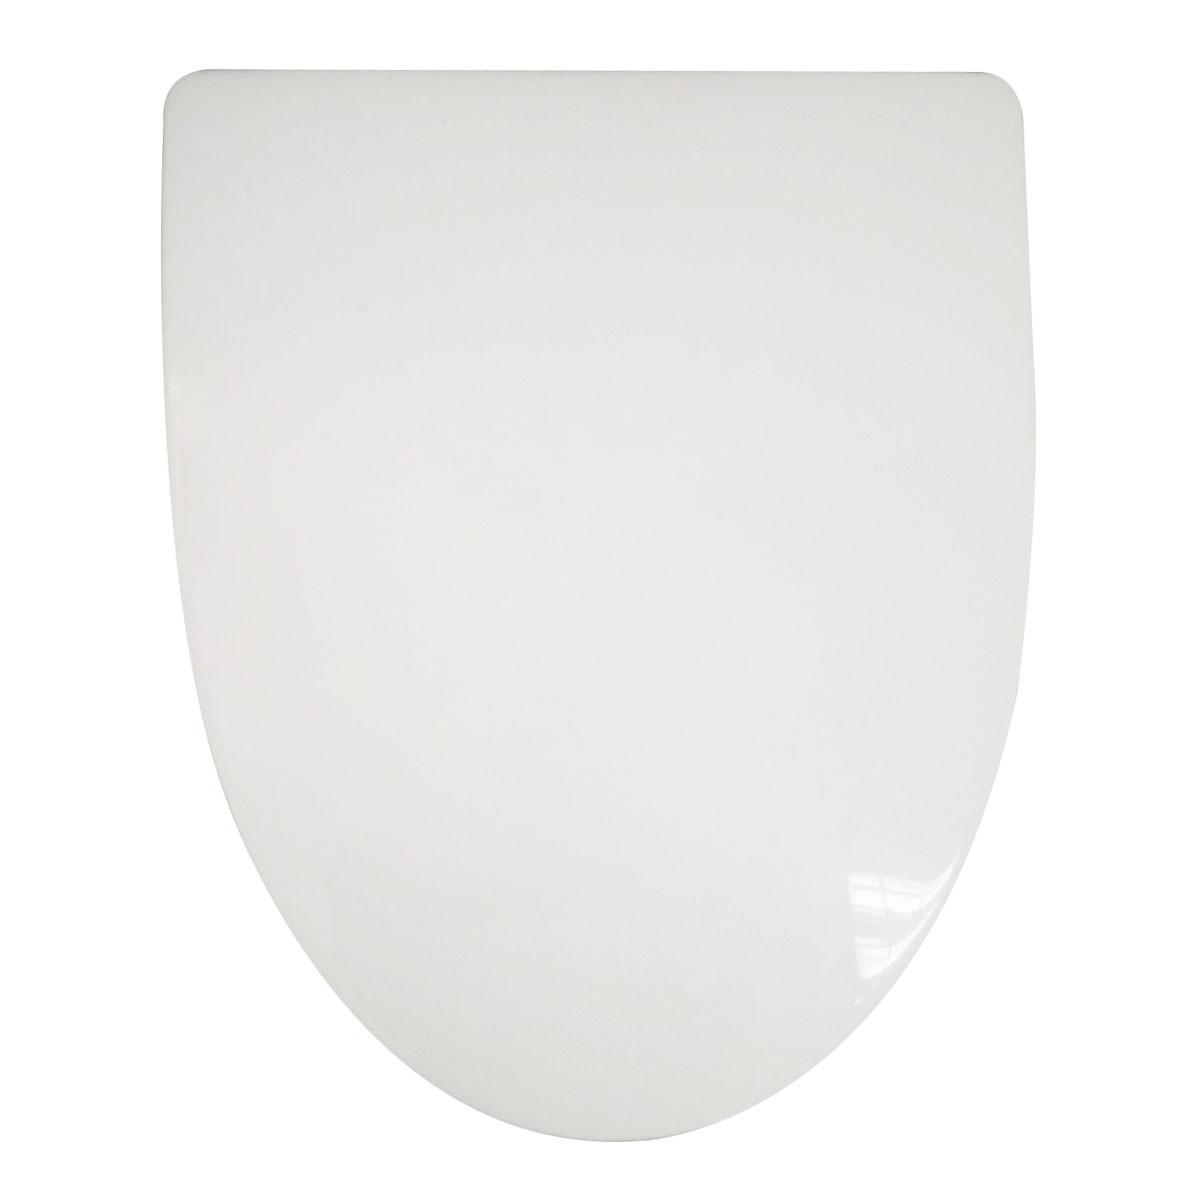 Siège de Toilette Blanc à Fermeture Douce avec Couvercle en PP (DK-CL-022)